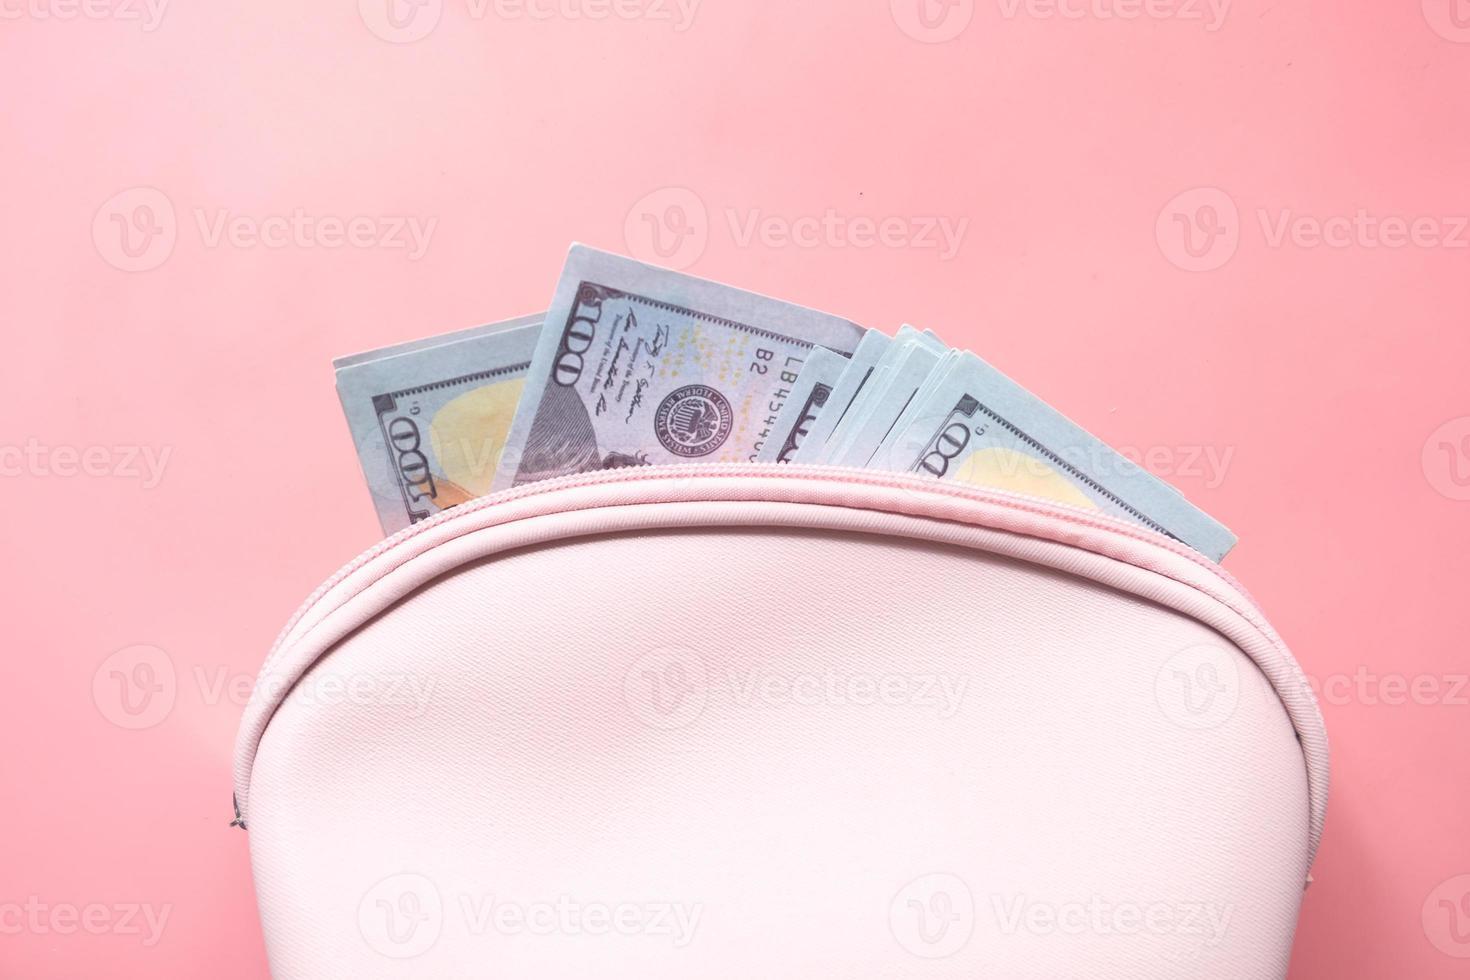 närbild av kontanter i plånbok på rosa bakgrund foto